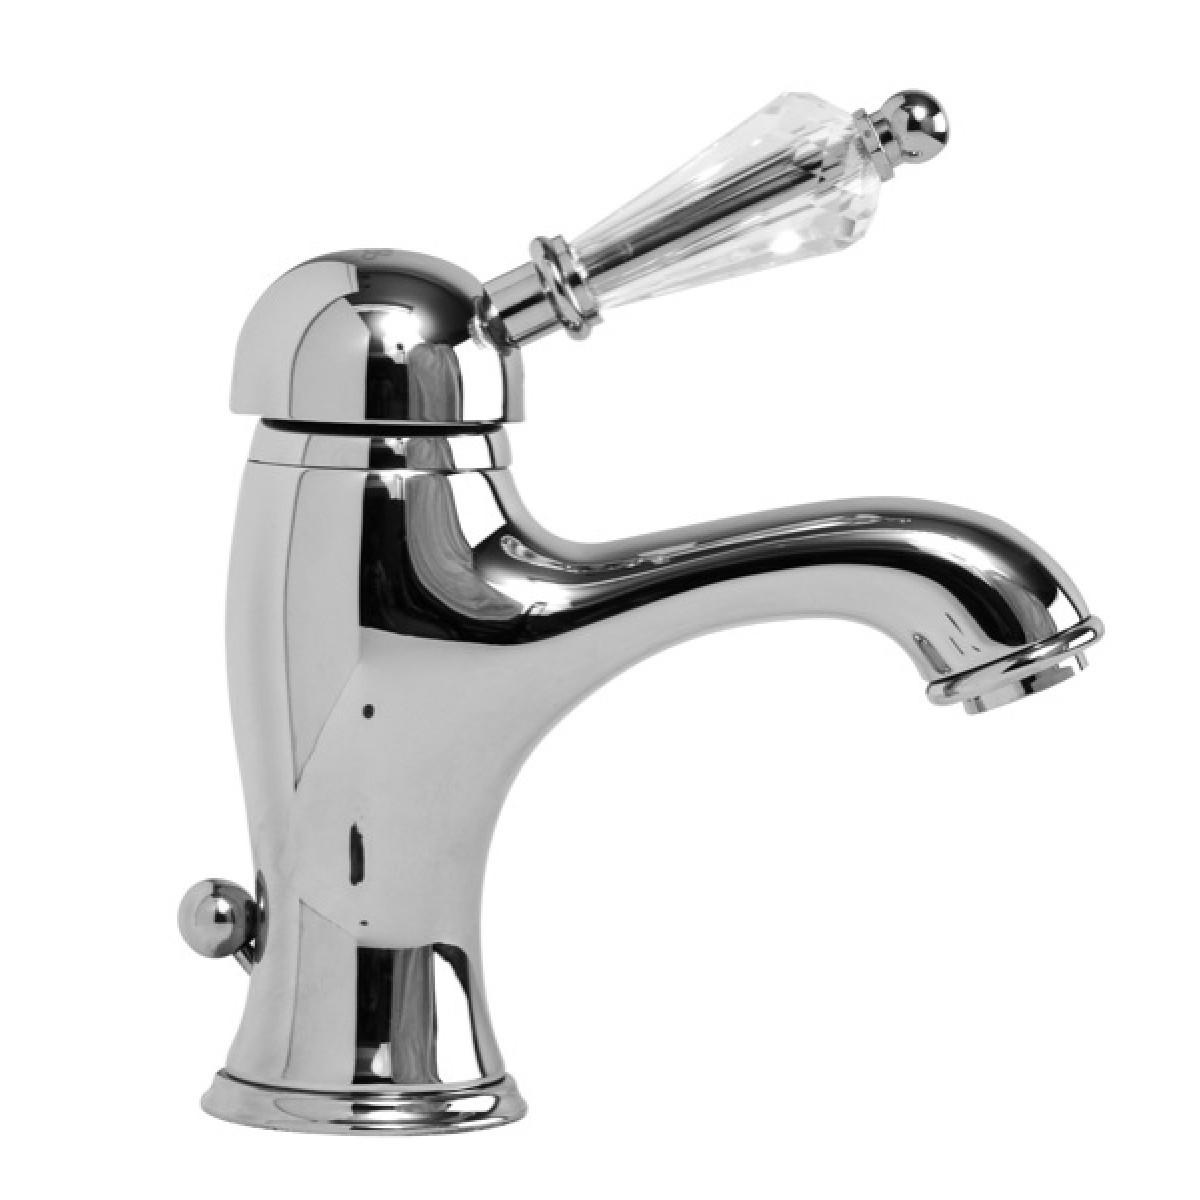 Miscelatore monocomando lavabo con scarico 1 lvbvnt200200 - Rubinetti bagno vintage ...